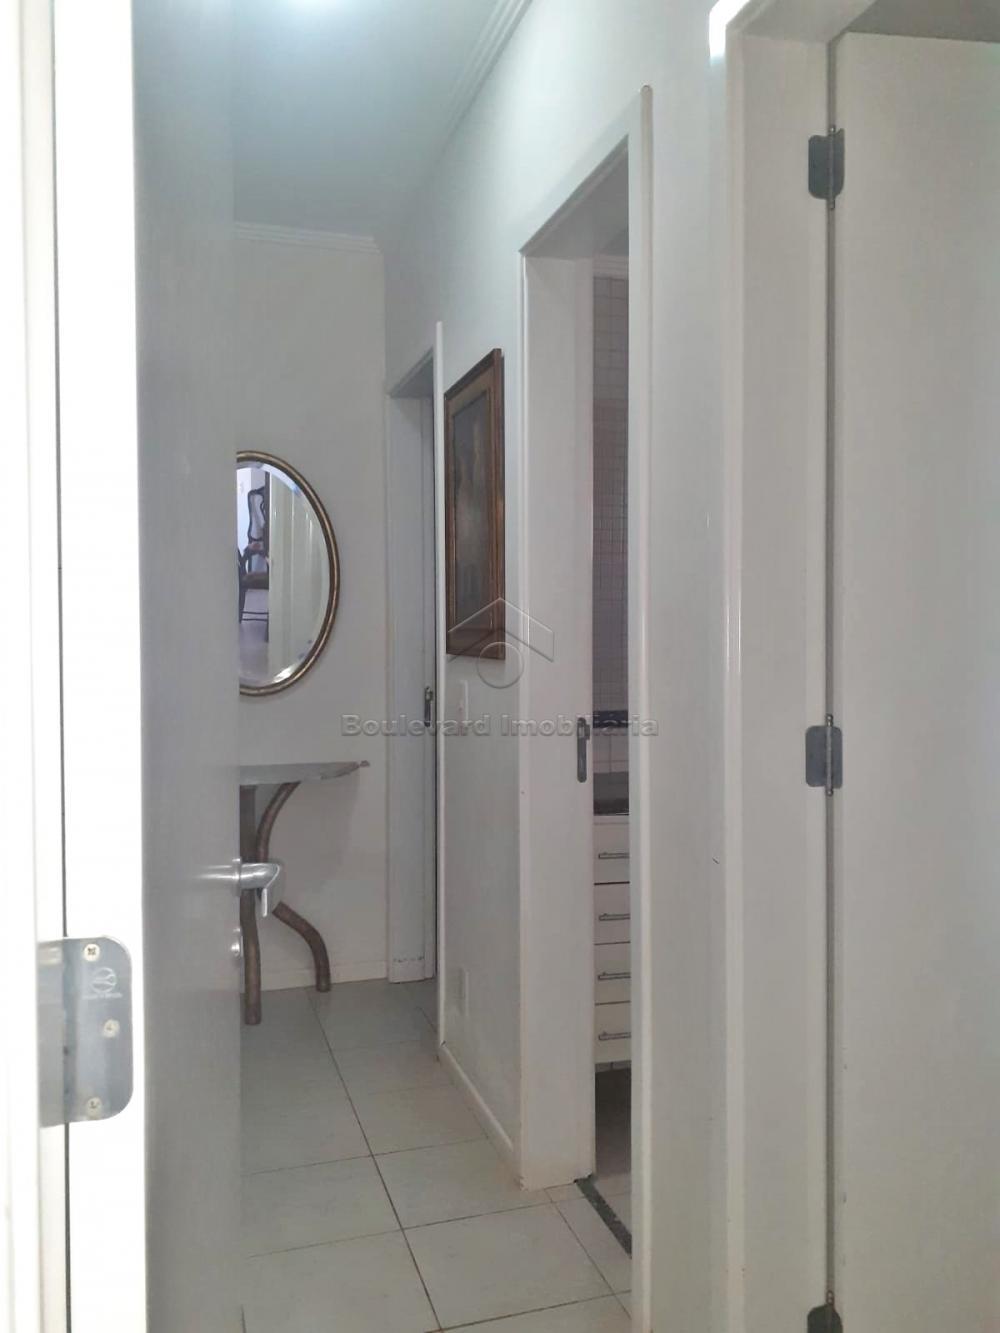 Alugar Apartamento / Padrão em Ribeirão Preto R$ 3.100,00 - Foto 12